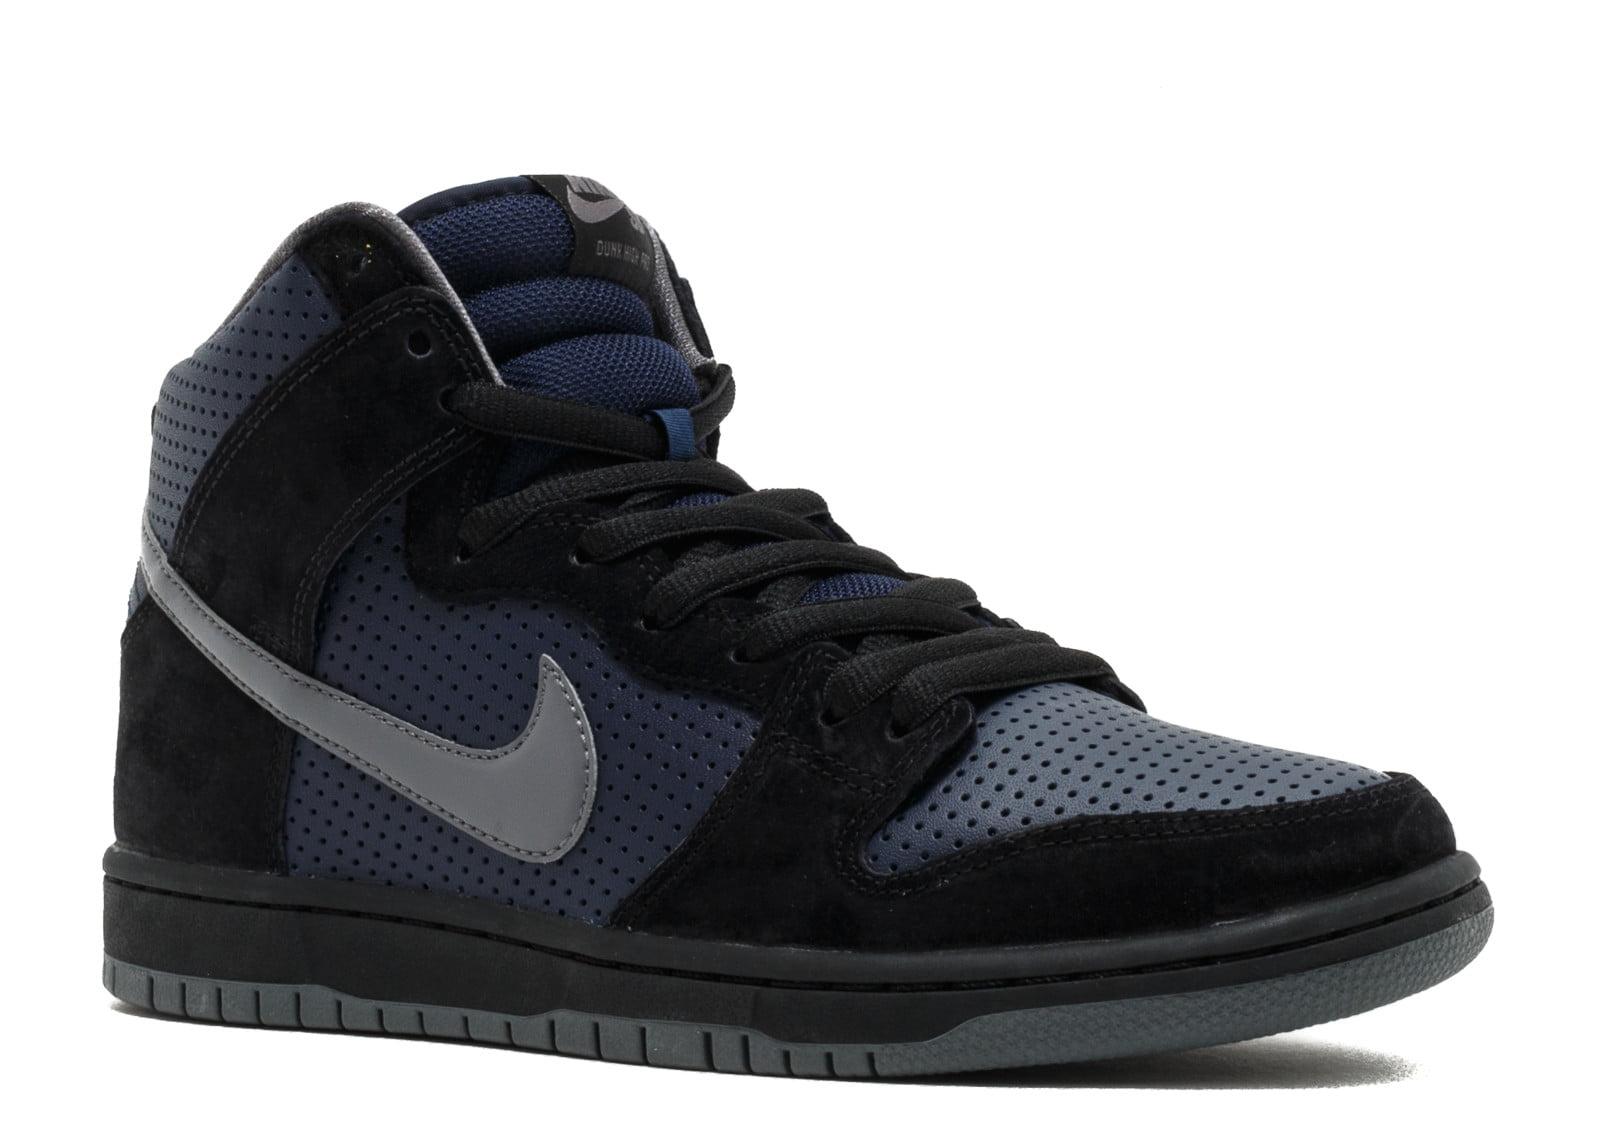 Nike - Men - Nike Sb Dunk High Trd Qs